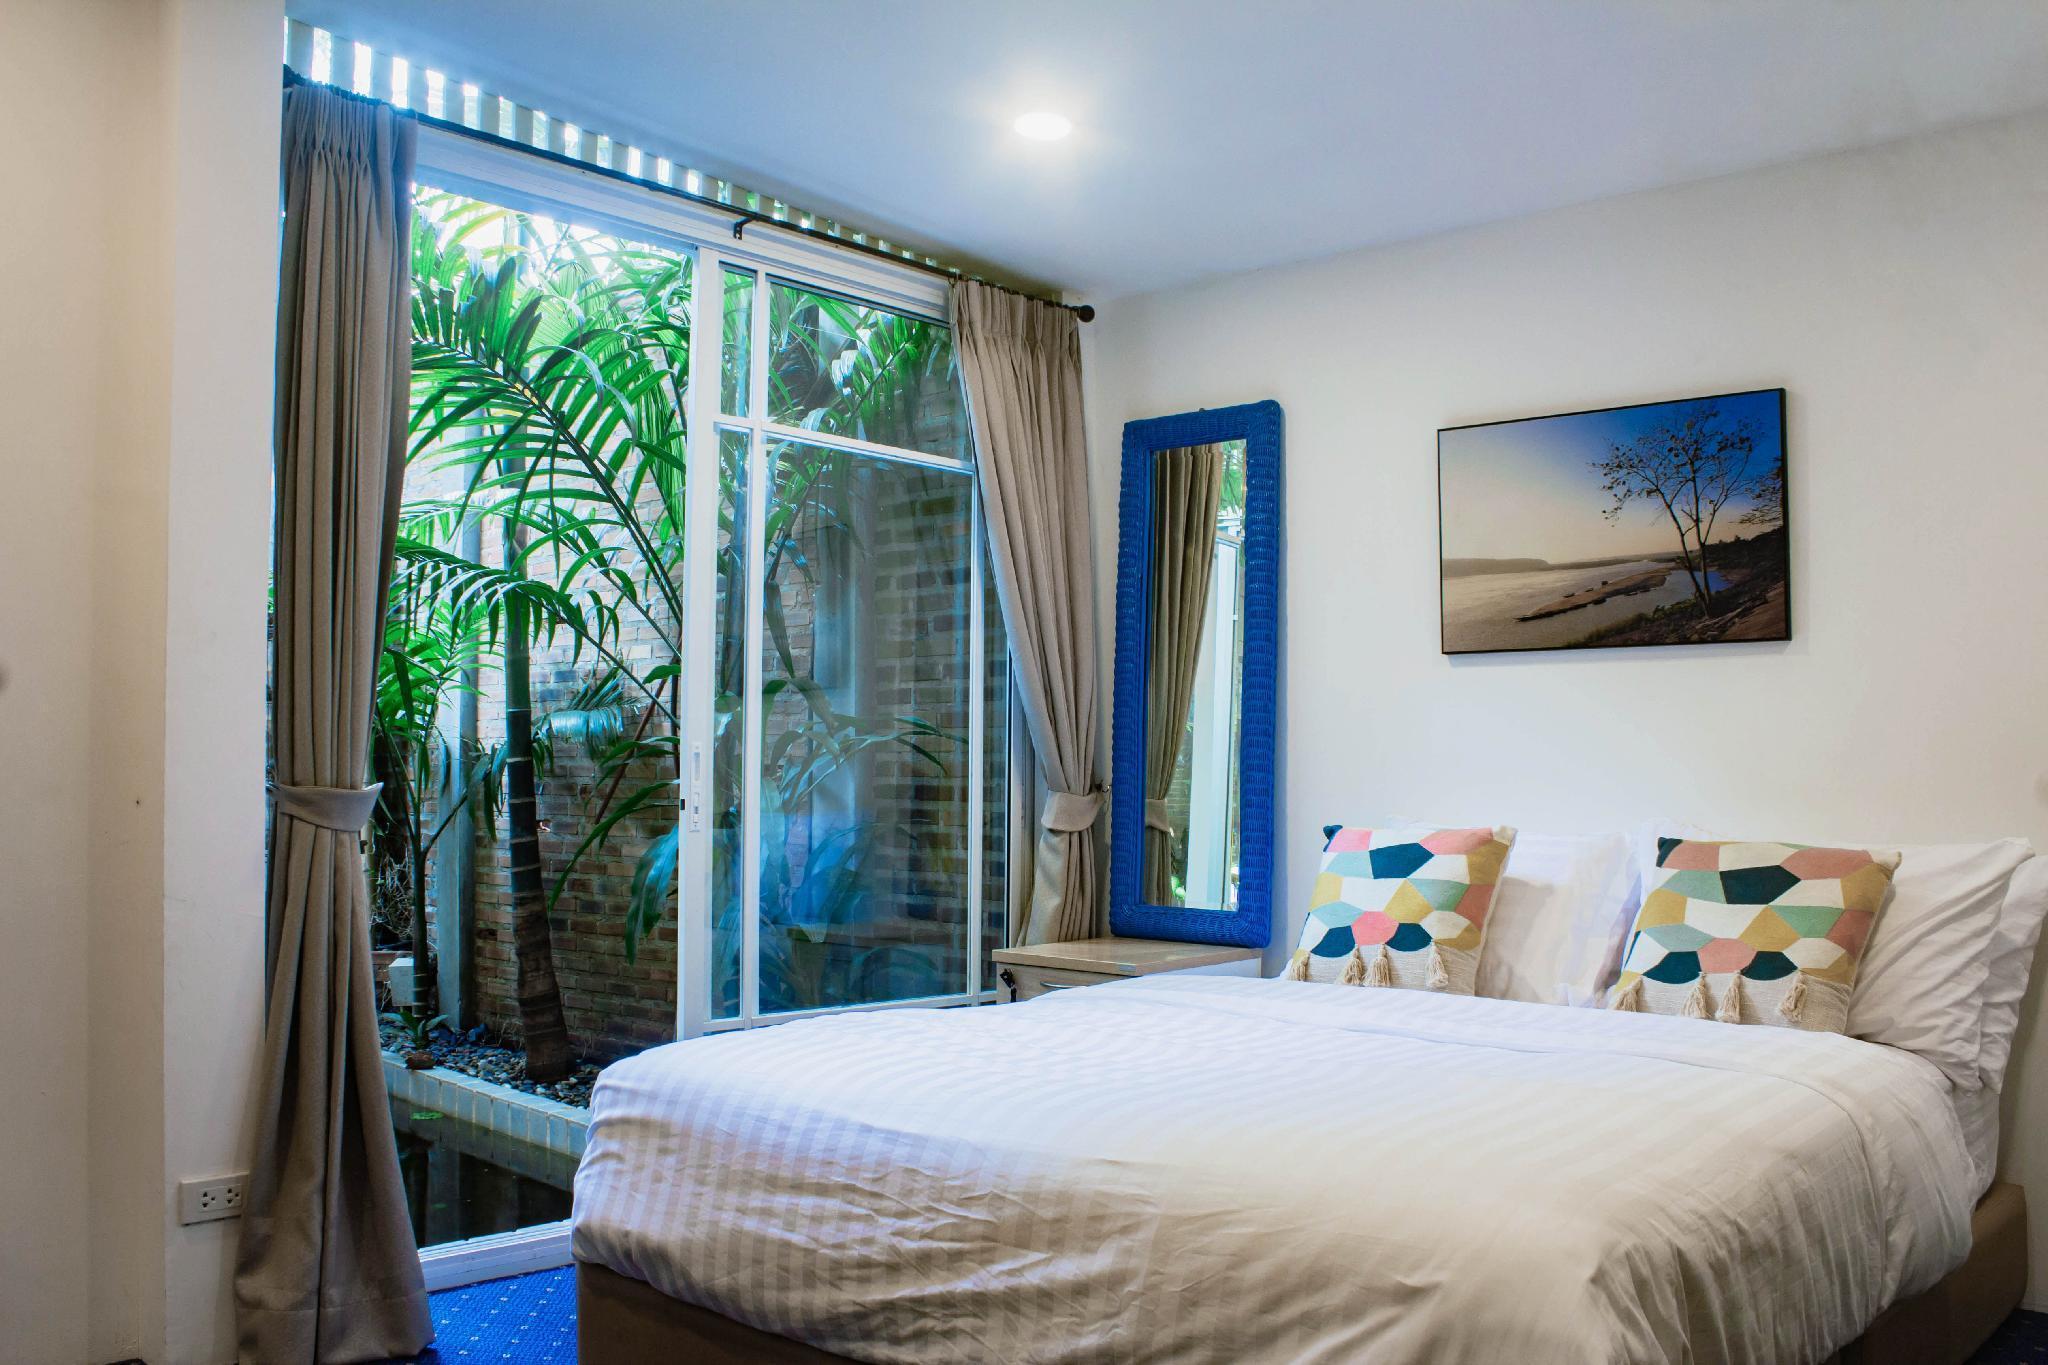 MAISON Bed Bar Cafe บ้านเดี่ยว 2 ห้องนอน 2 ห้องน้ำส่วนตัว ขนาด 100 ตร.ม. – ไนท์บาร์ซา